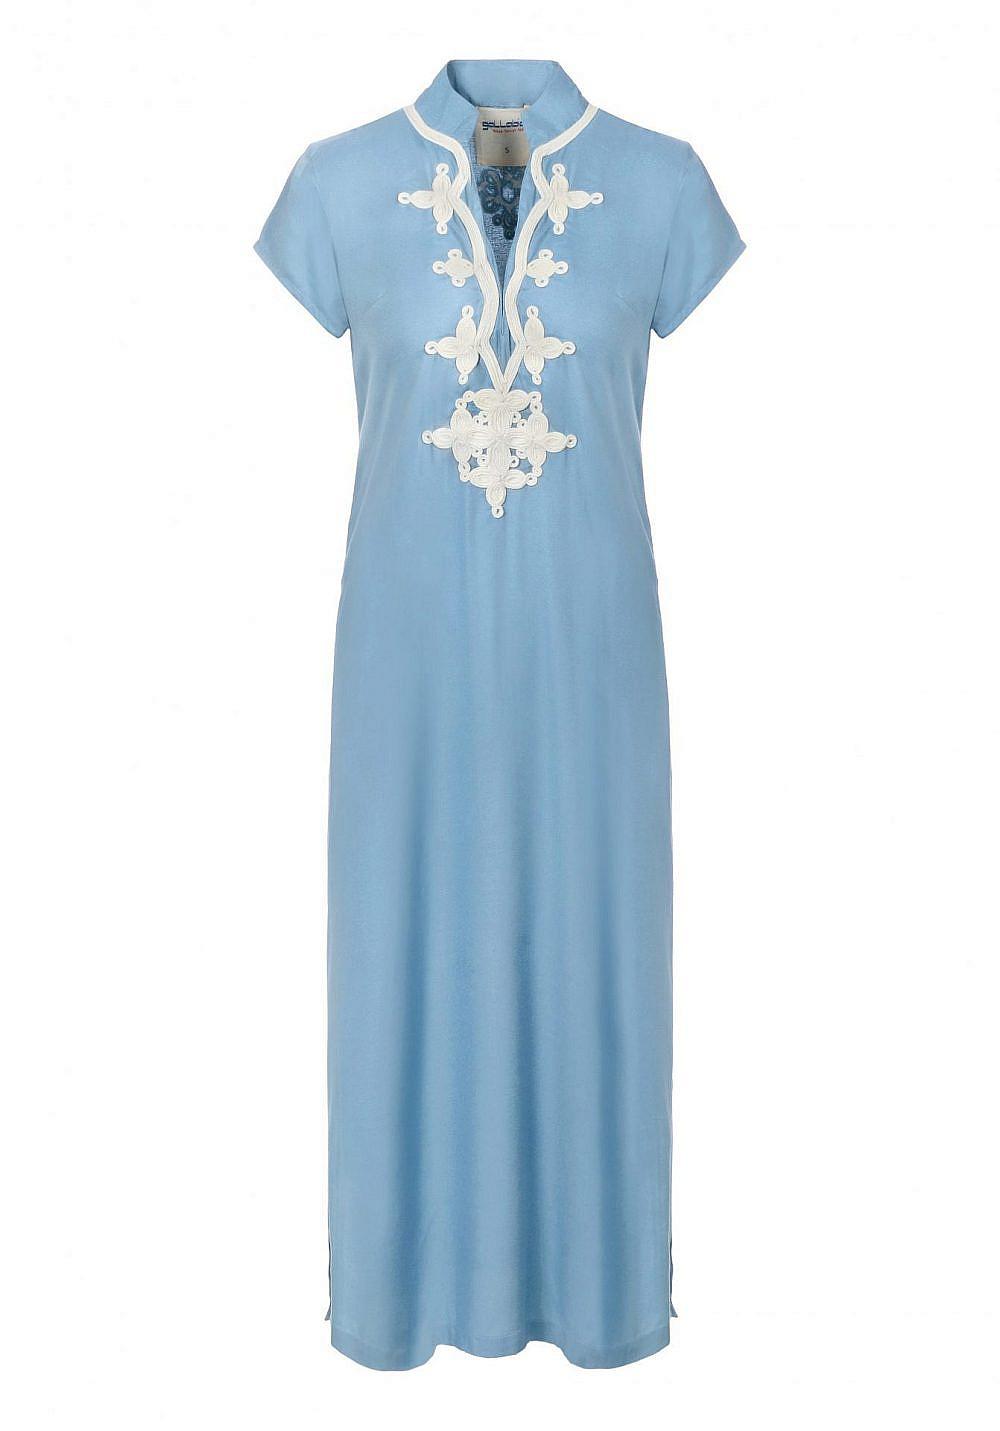 שמלת גלביה המותג גלביה, מחיר: 790 שקל   צילום: ניר יפה